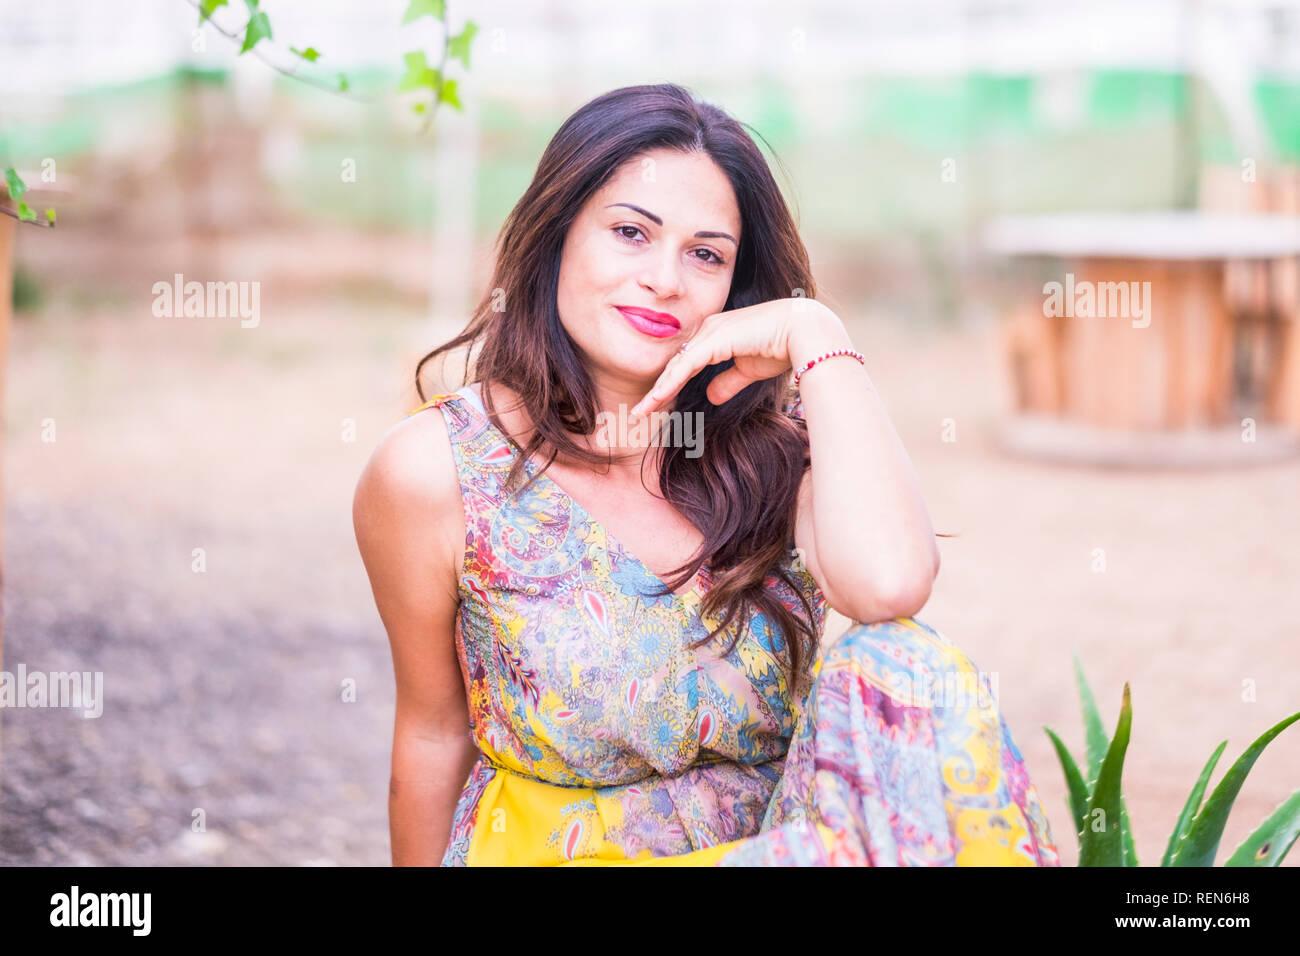 5cff2bc58 Hermosa mujer joven posando con vestido de color sonriendo ante la cámara  exterior - gente agradable